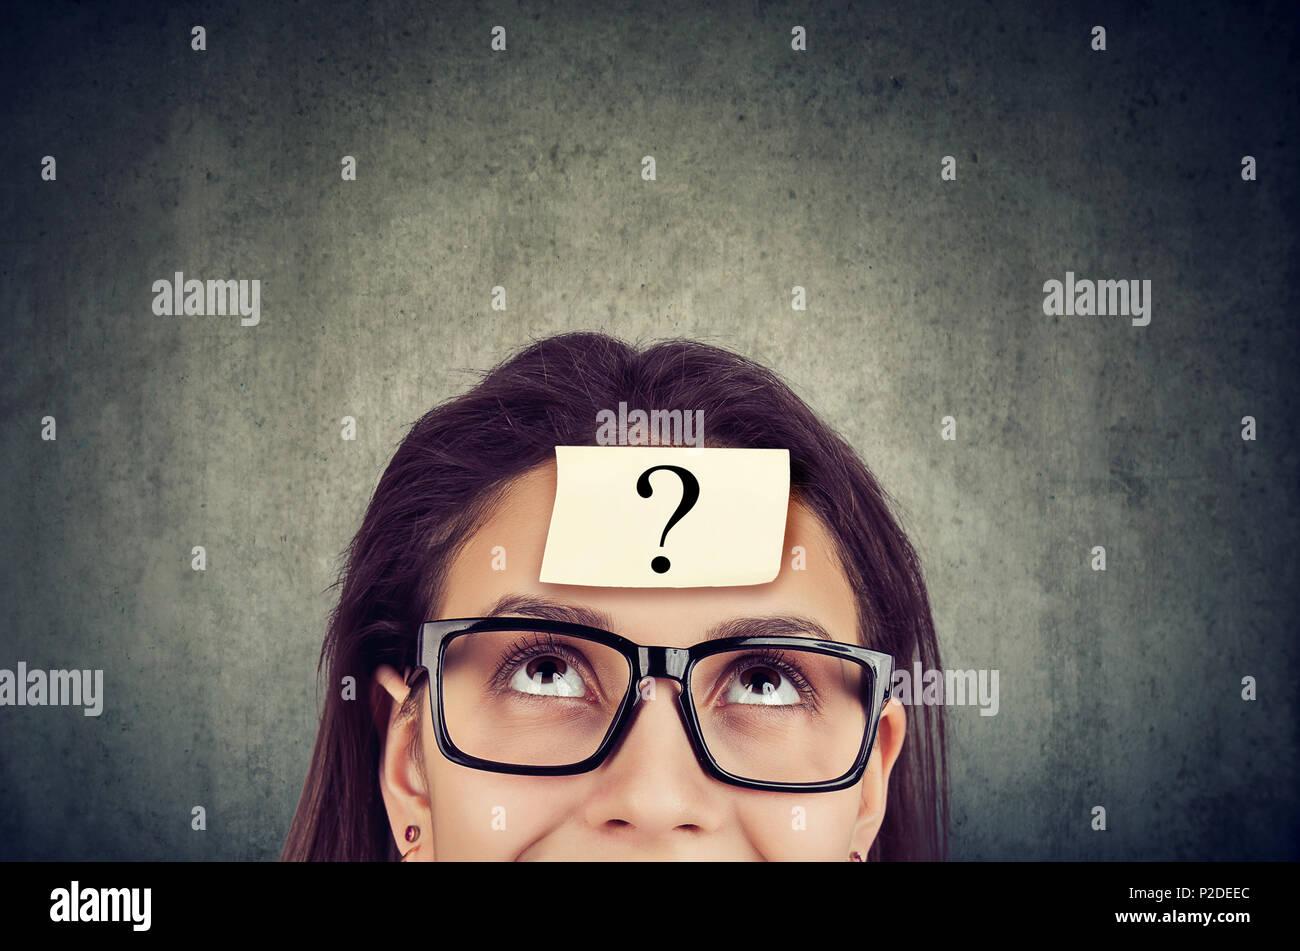 Junge Frau mit schwarzen Gläsern mit Fragezeichen auf der Stirn. Stockbild